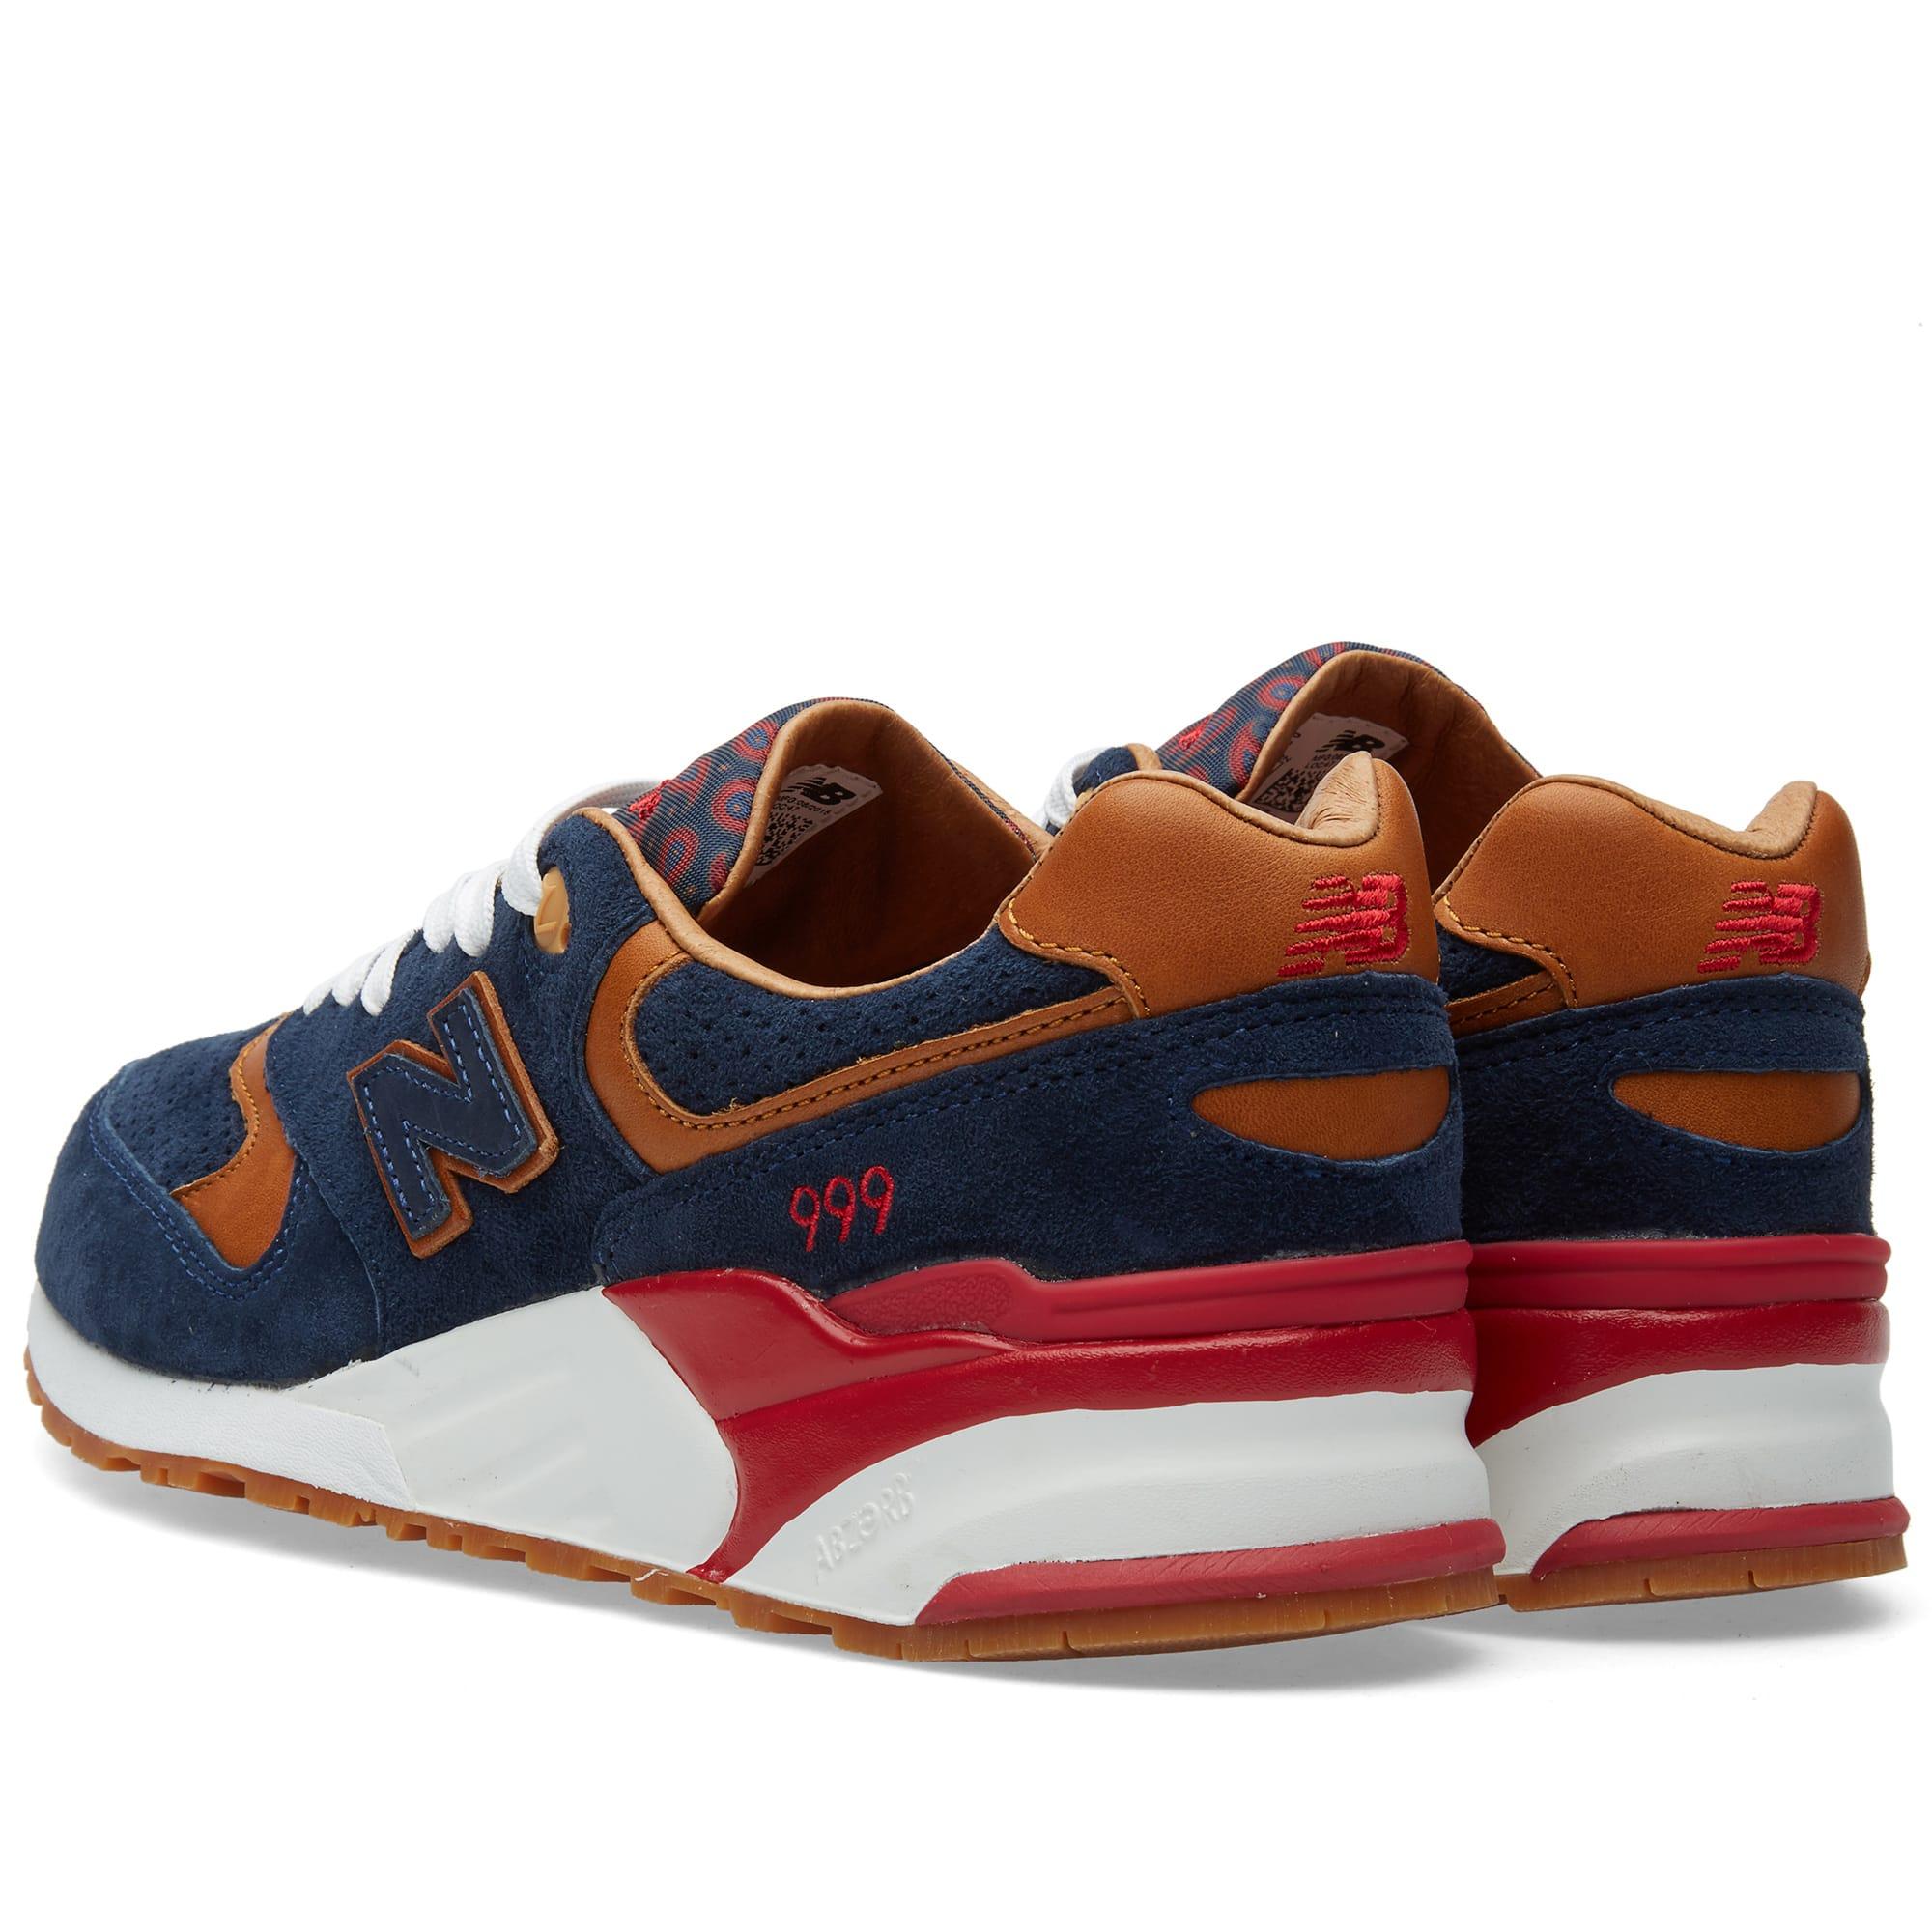 sale retailer 1a5a7 d2150 New Balance x Sneaker Politics ML999SP 'Case 999'